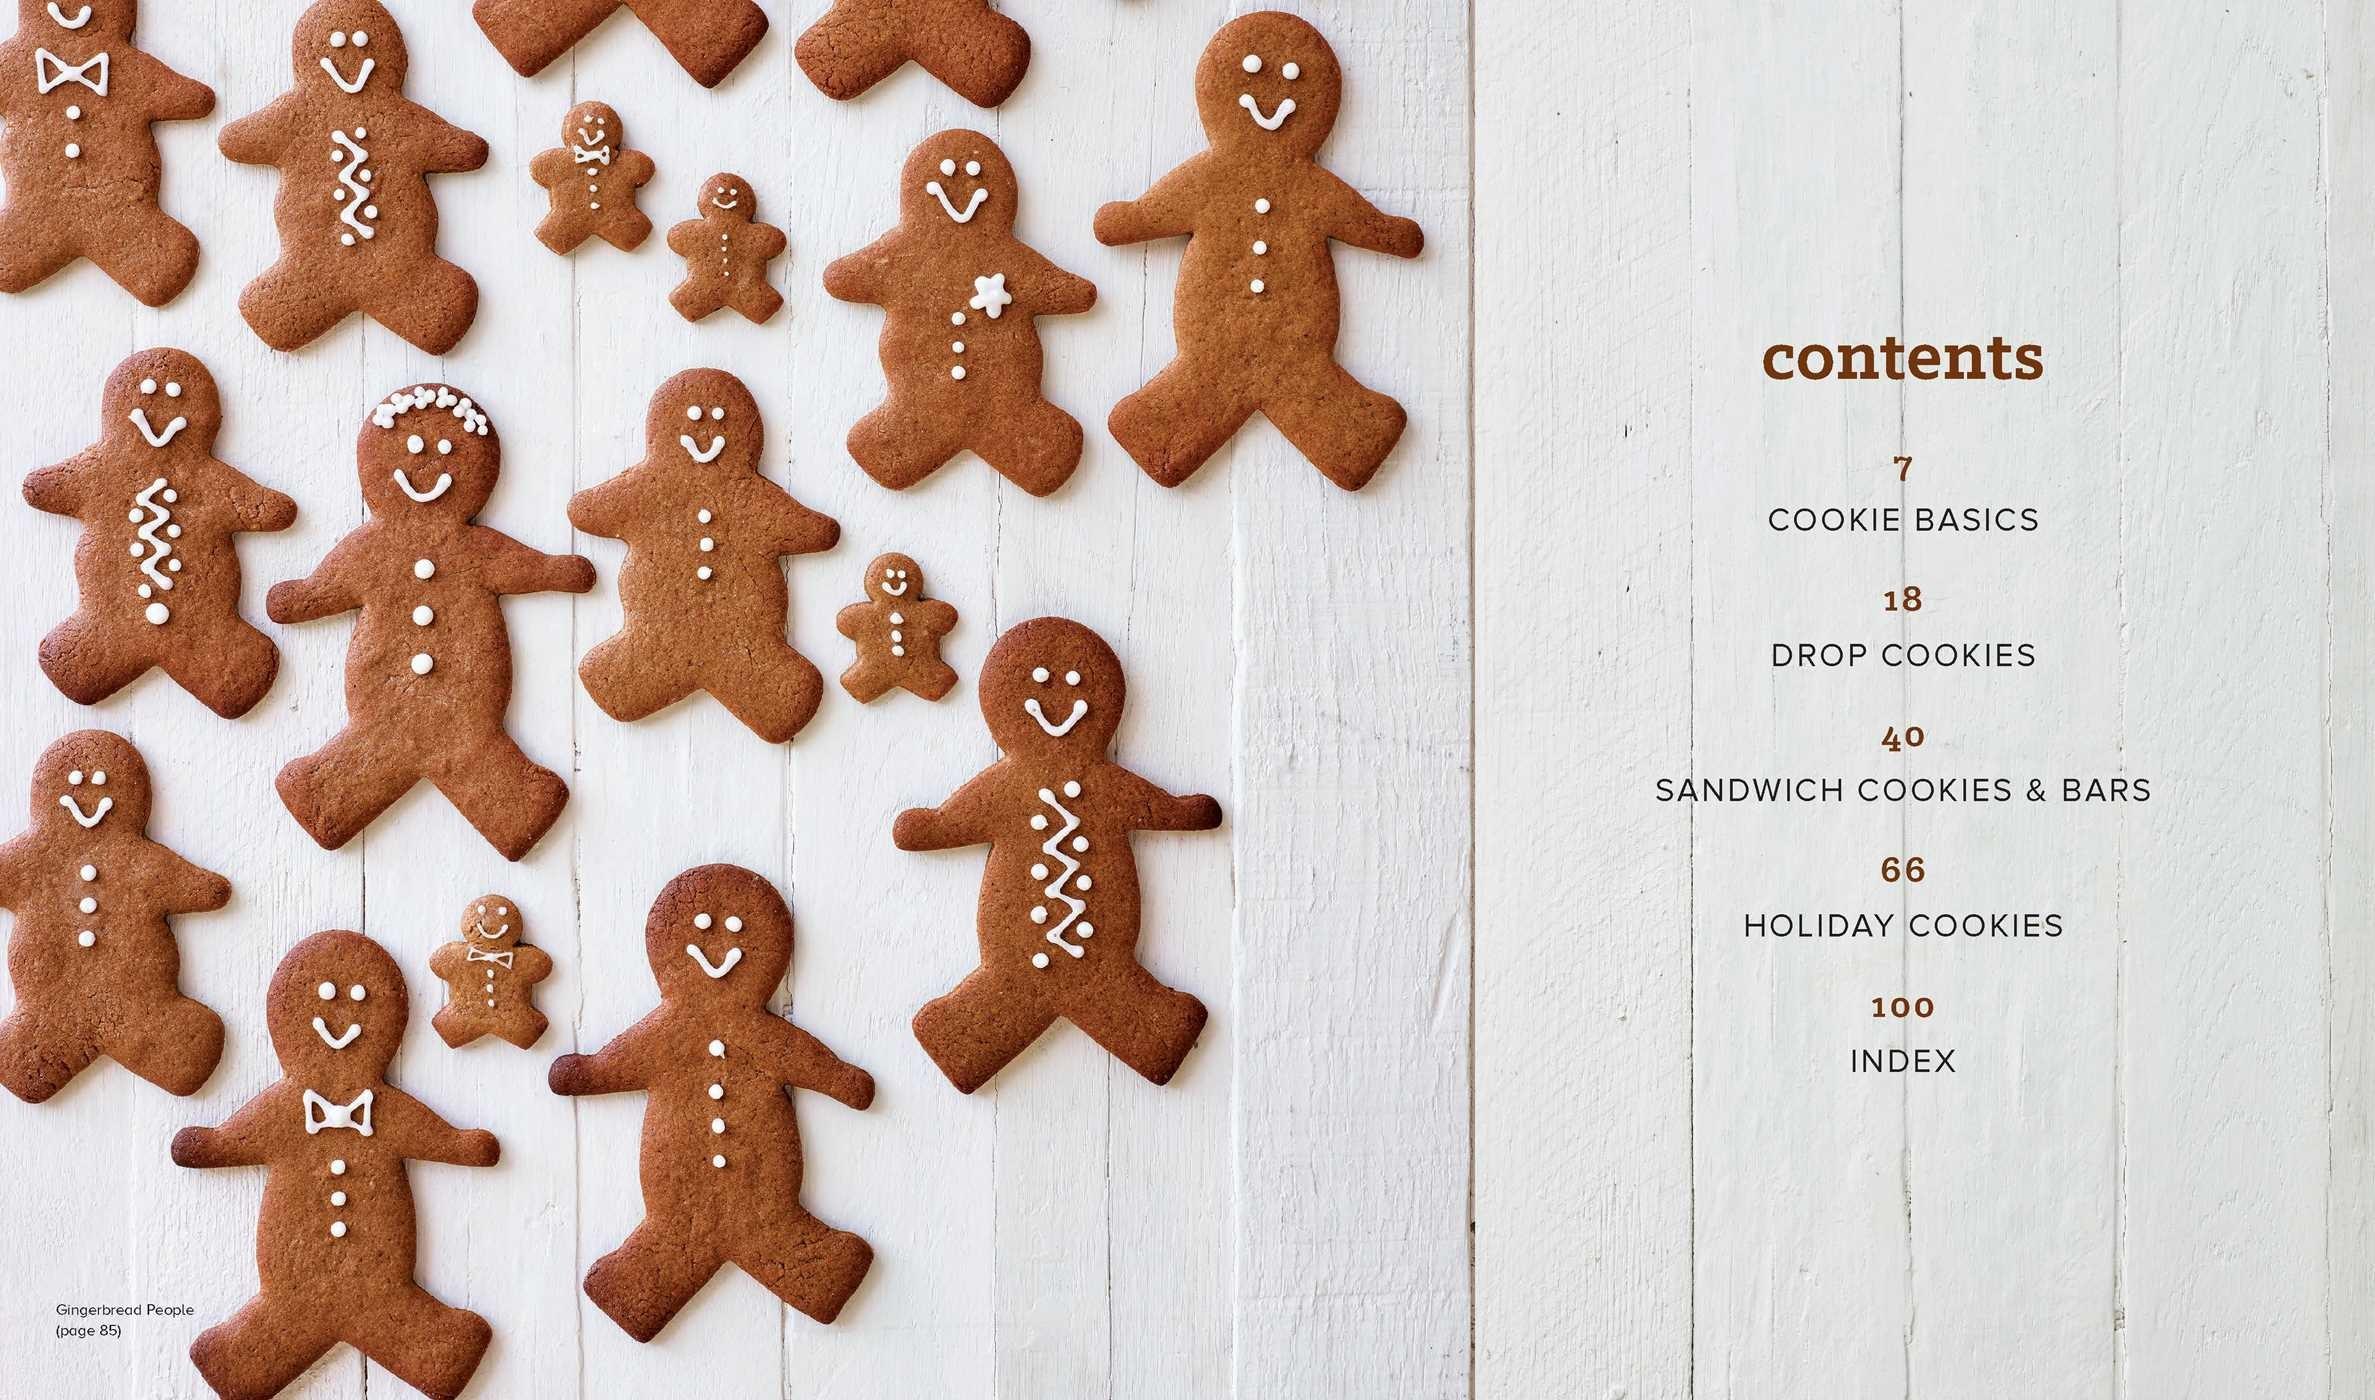 Favorite cookies 9781681881768.in01